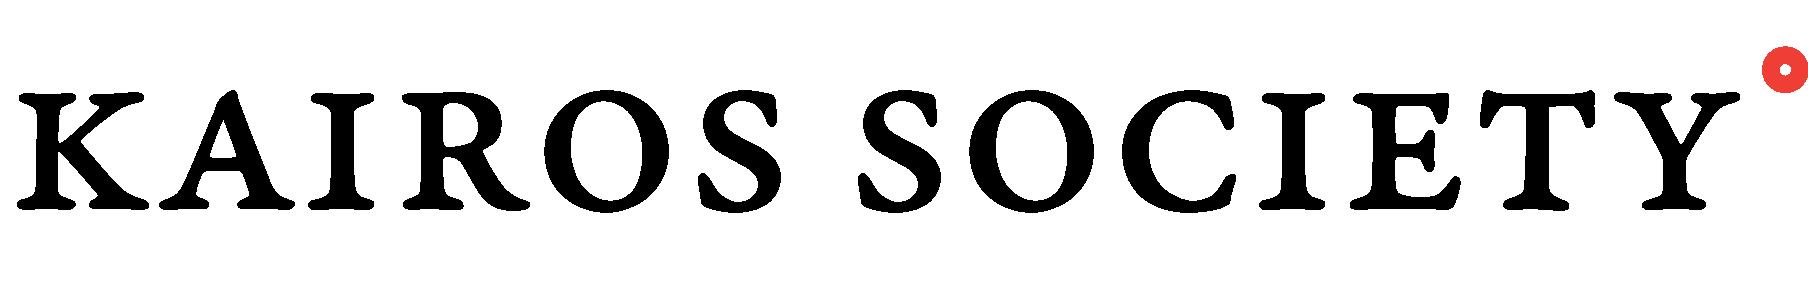 Kairos_Society.png